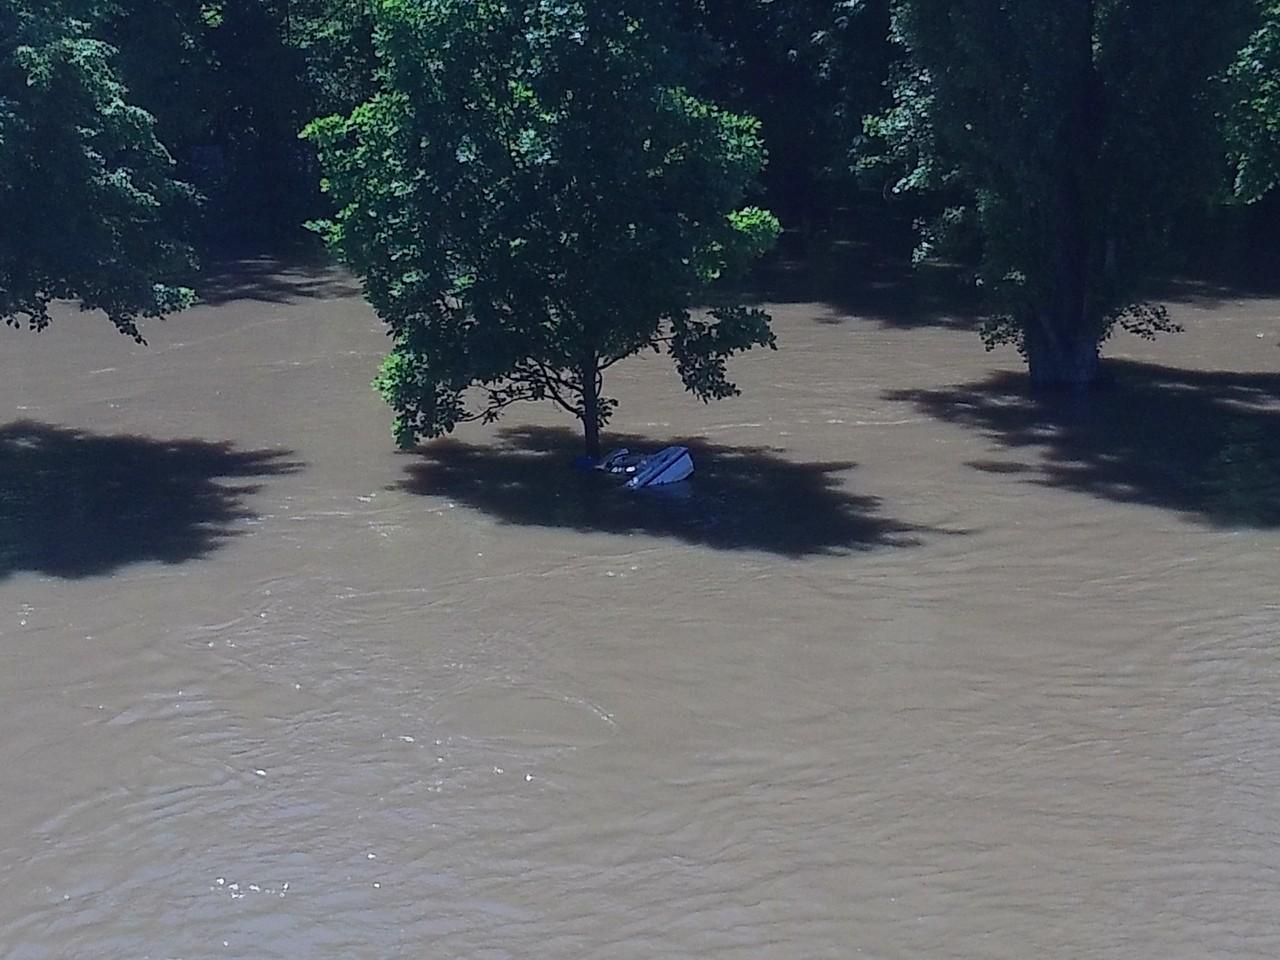 Kröllwitzer Brücke - Das Boot ist fast komplett untergetaucht